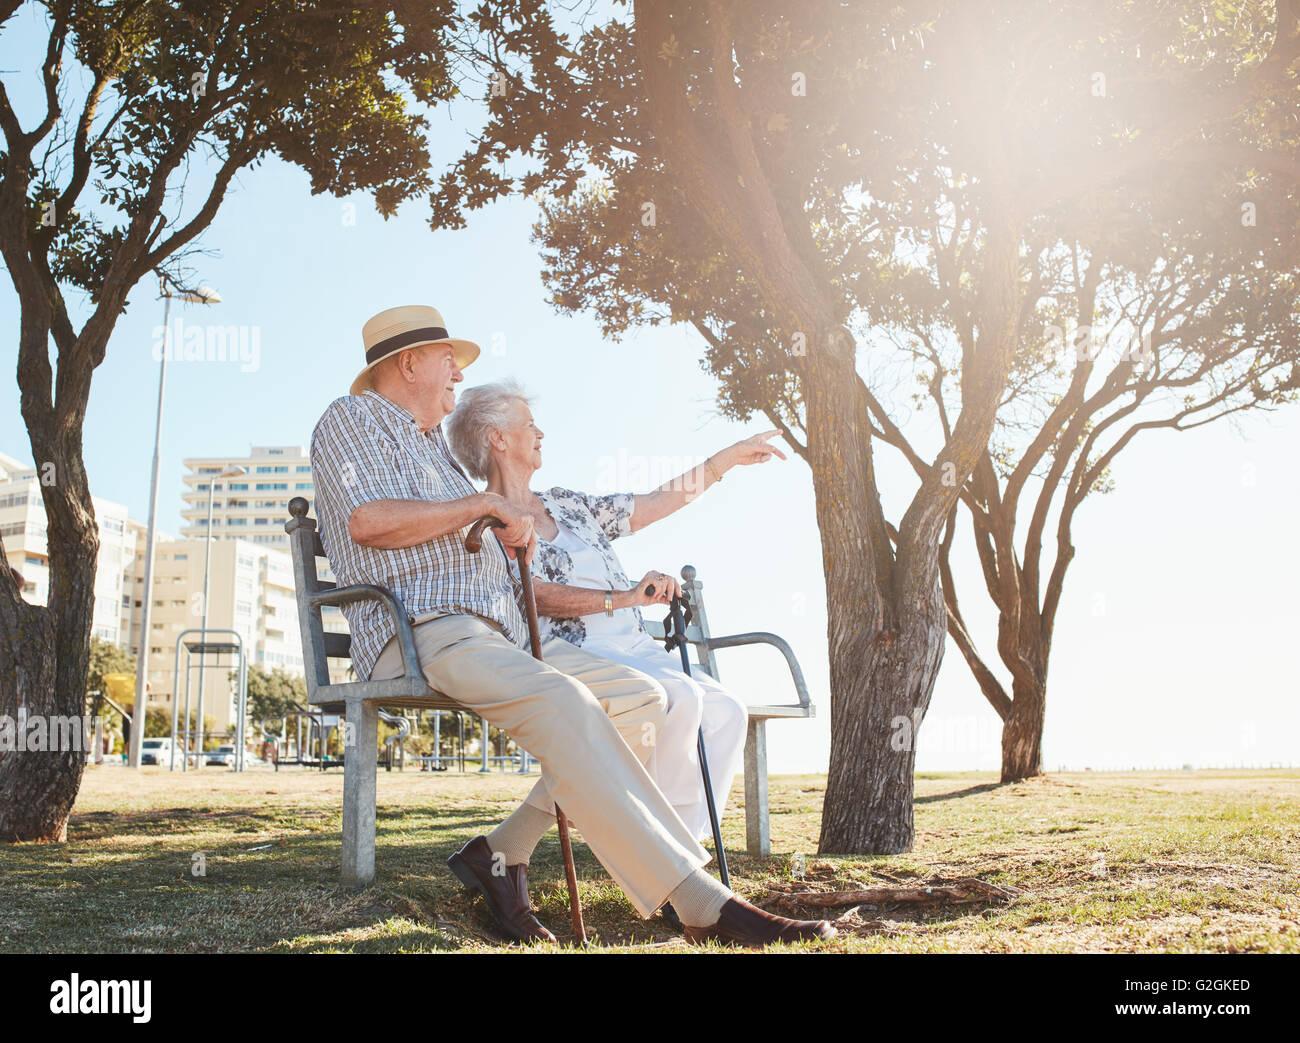 Tourné en plein air d'un couple assis sur un banc de parc avec femme montrant quelque chose d'intéressant Photo Stock